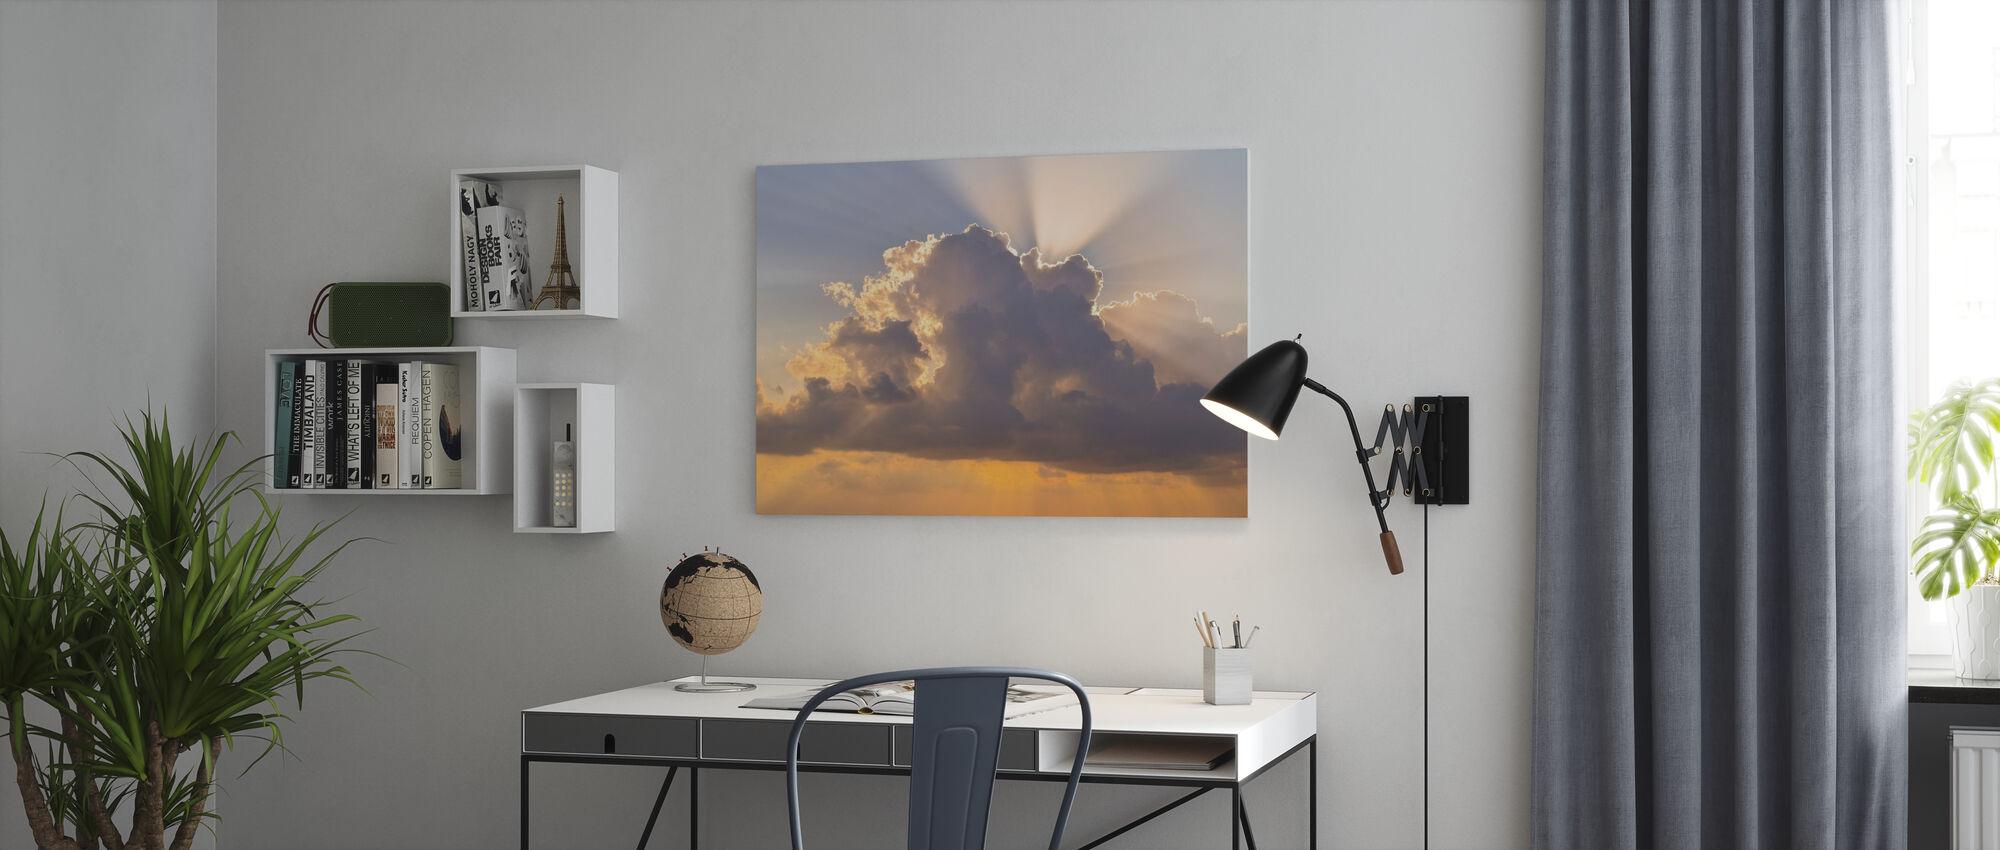 Cloudscape - Canvas print - Office